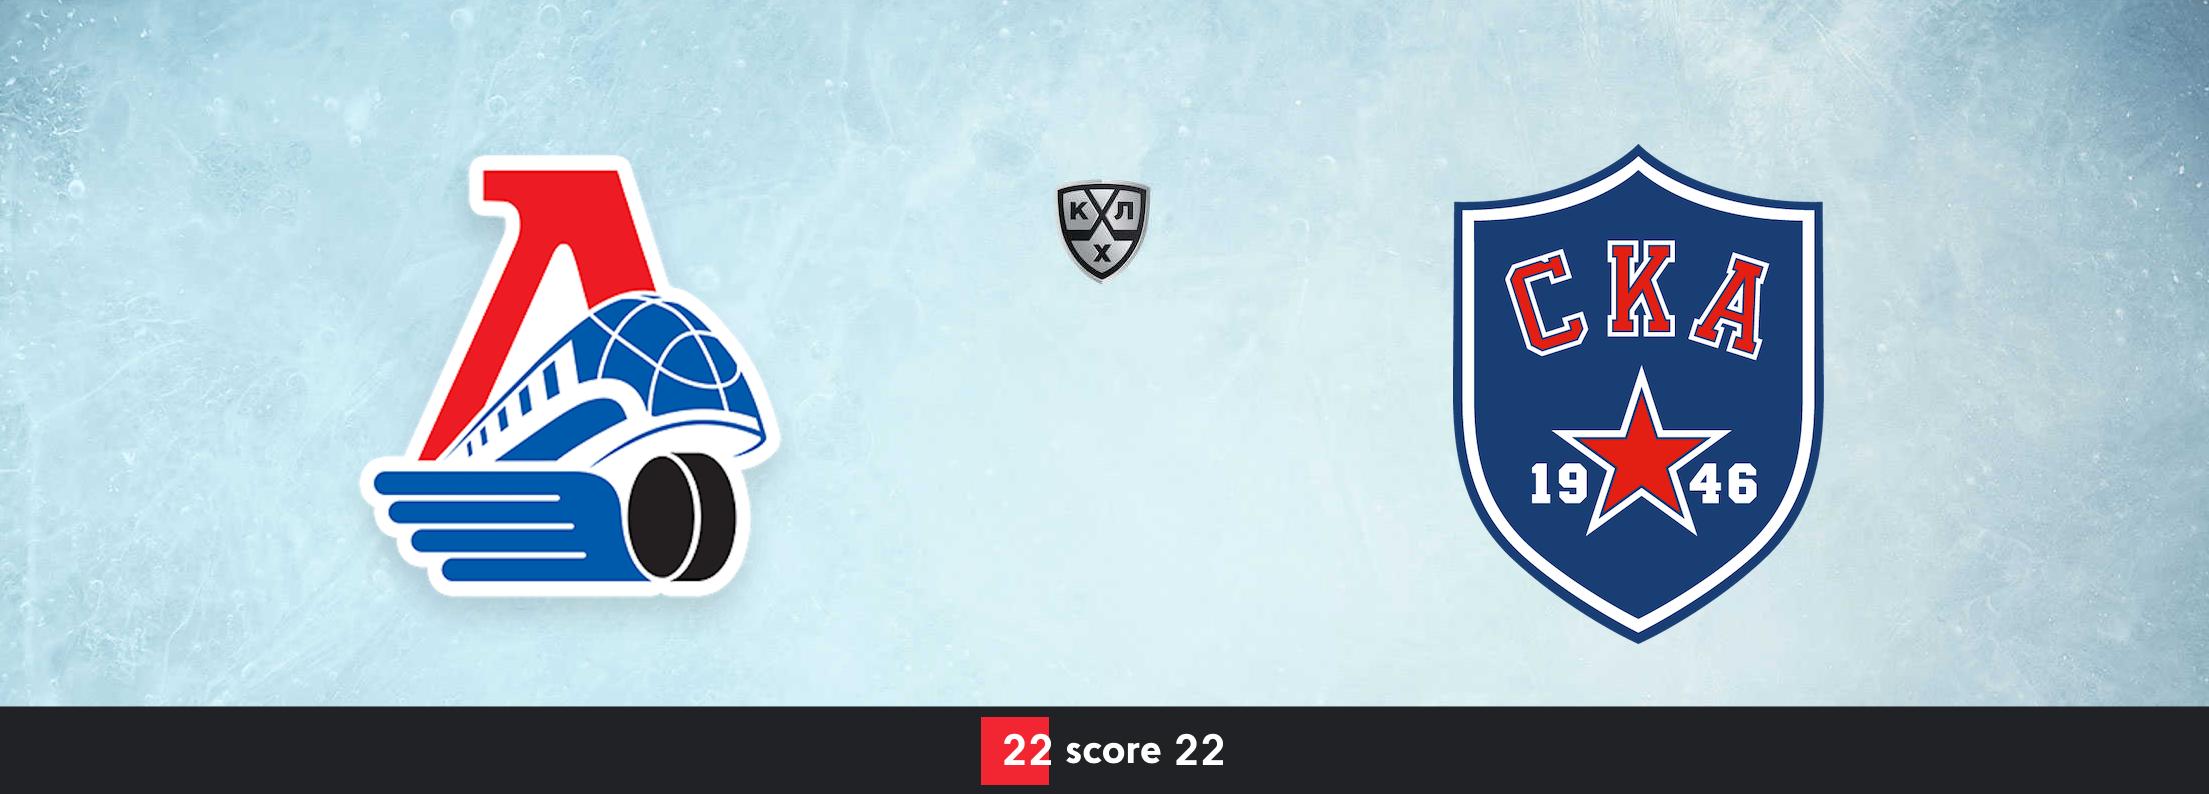 Хоккей  КХЛ. Локомотив Ярославль — СКА 07.01.2021